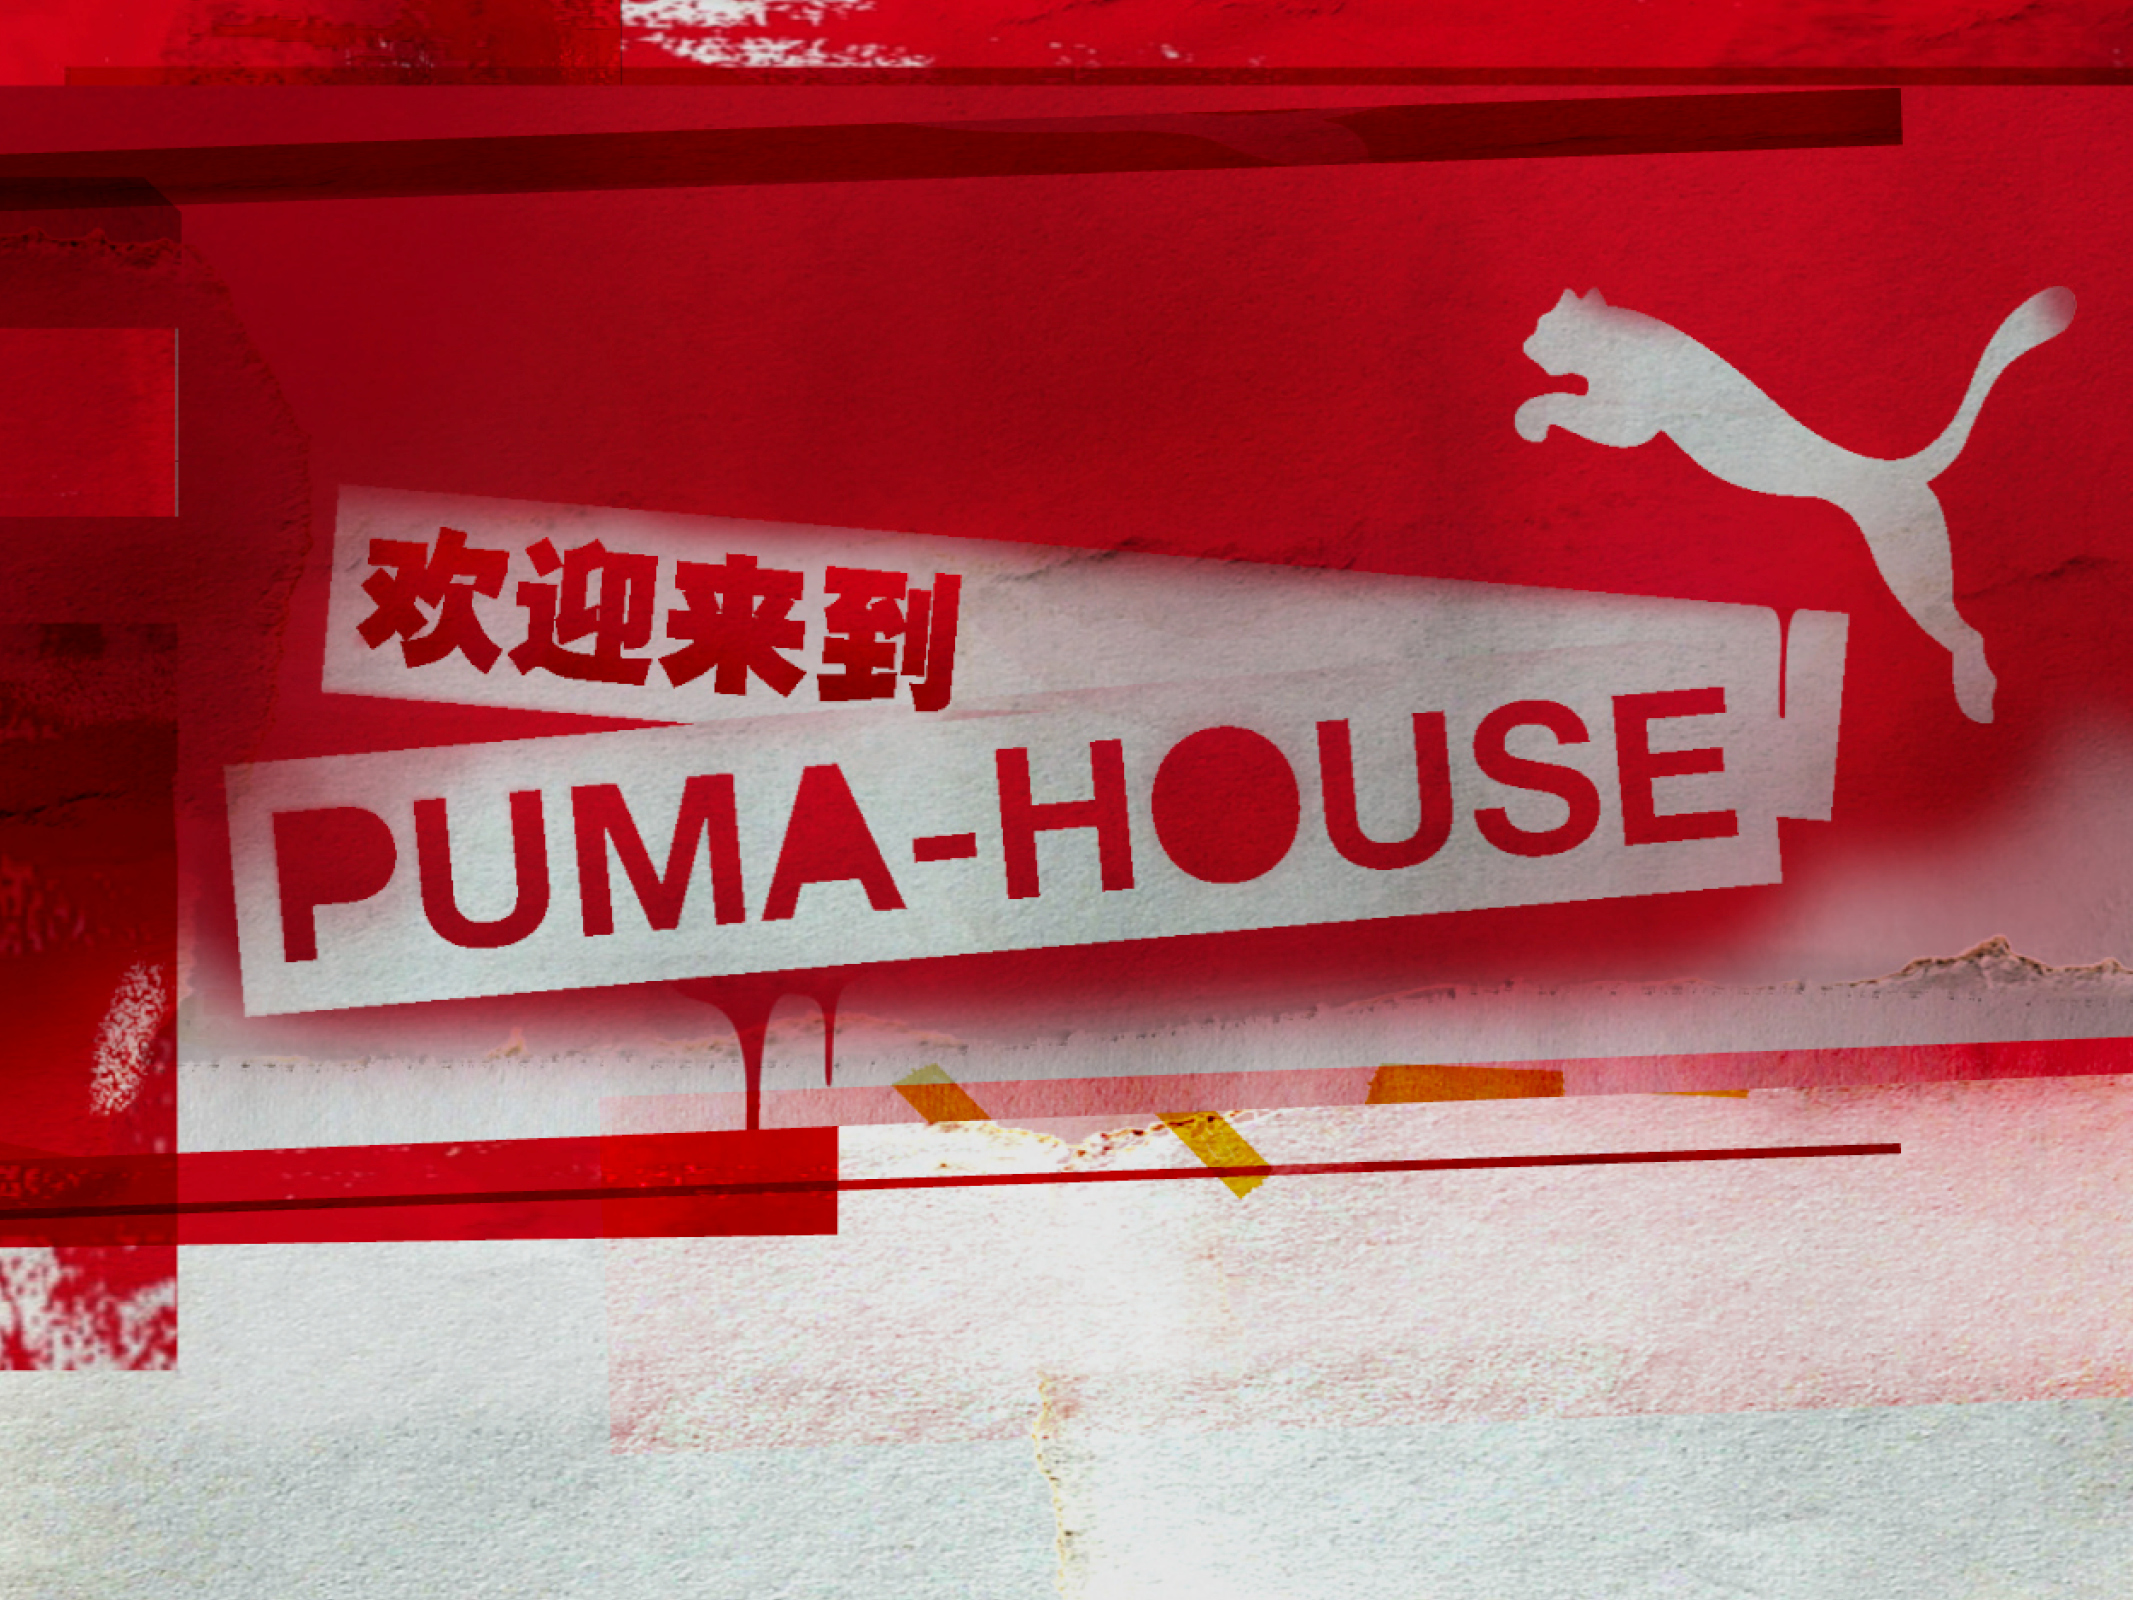 Puma House